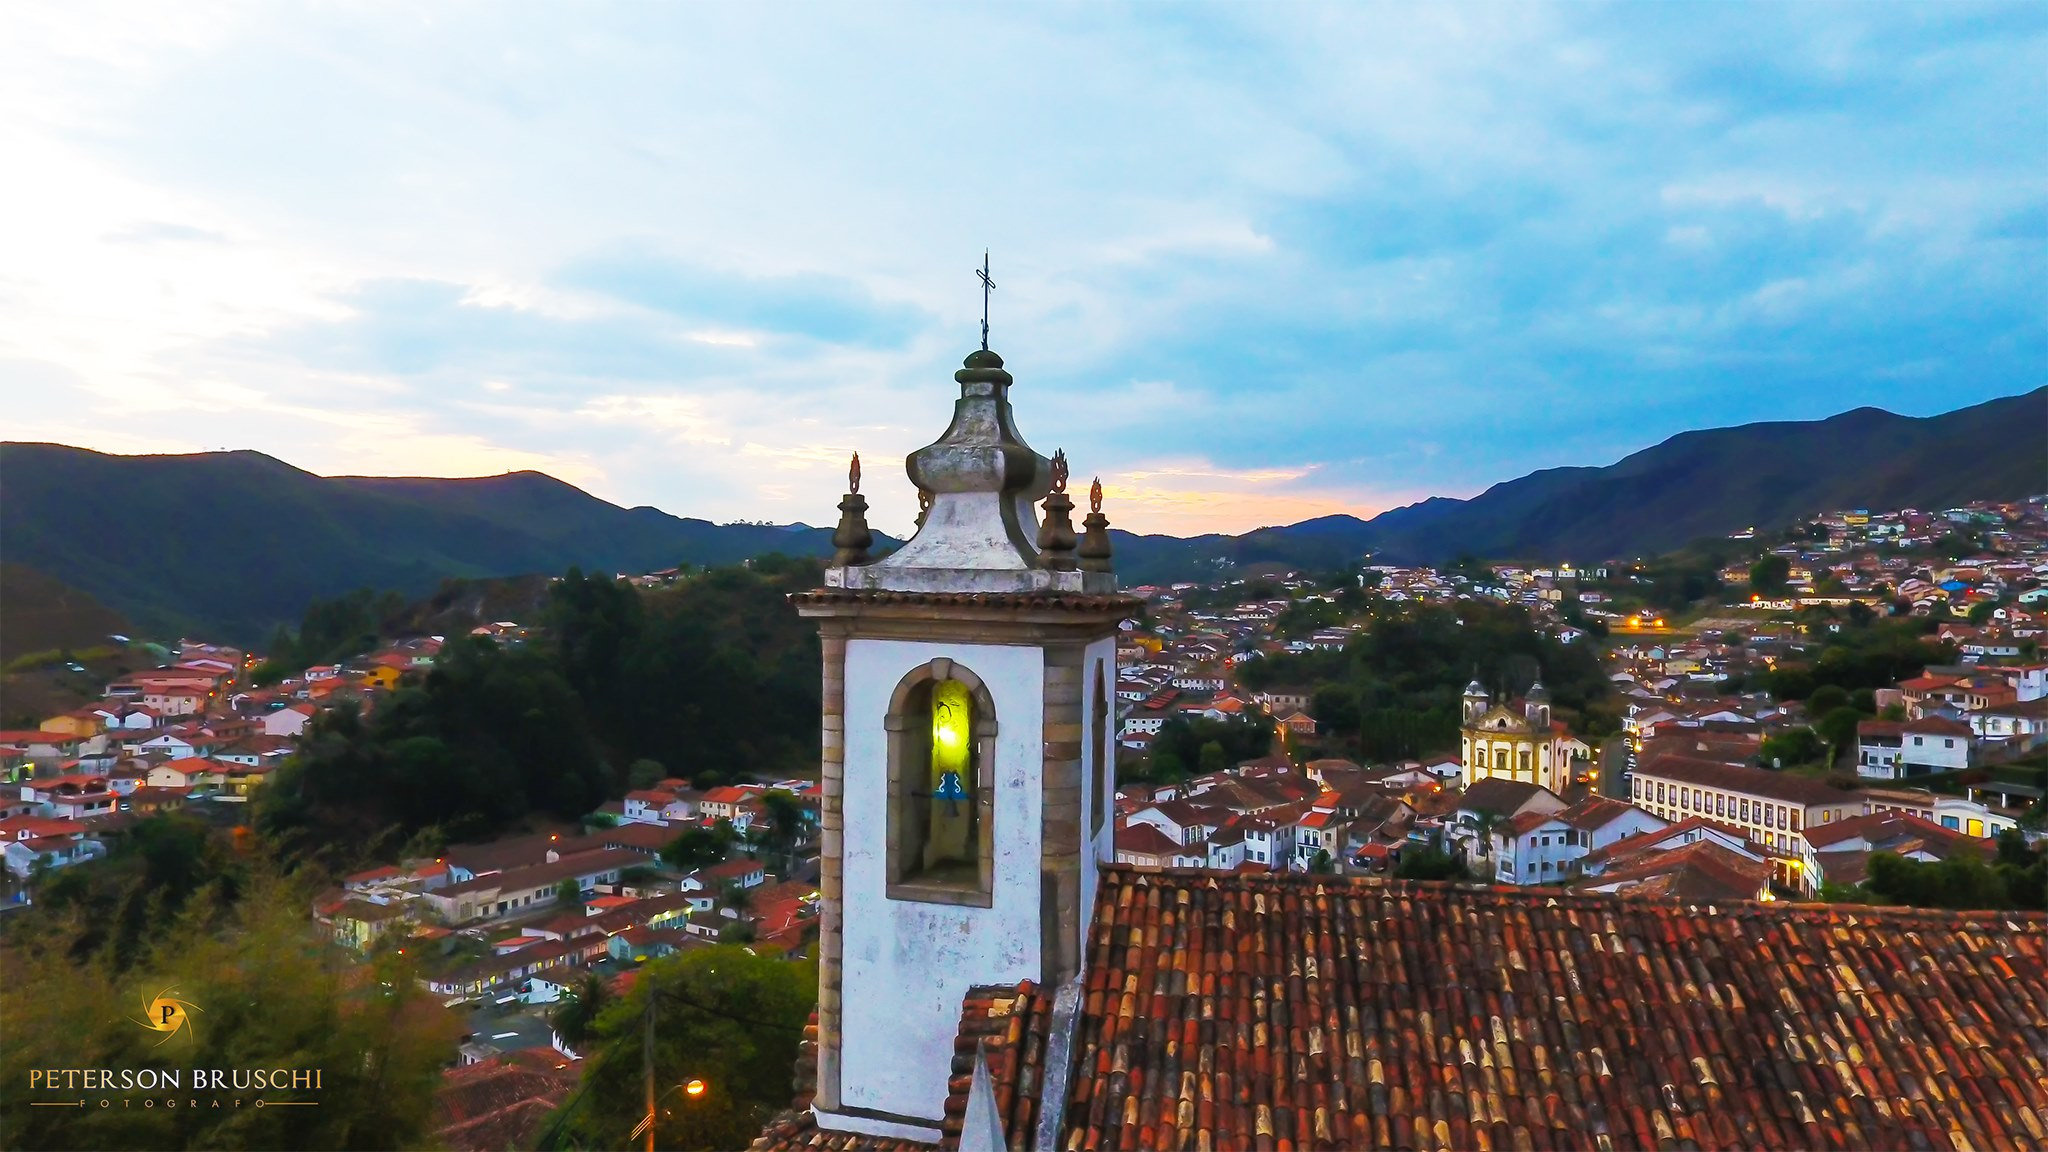 Inmet emite alerta de acumulado de chuva para Mariana, Ouro Preto e outras 452 cidades em Minas